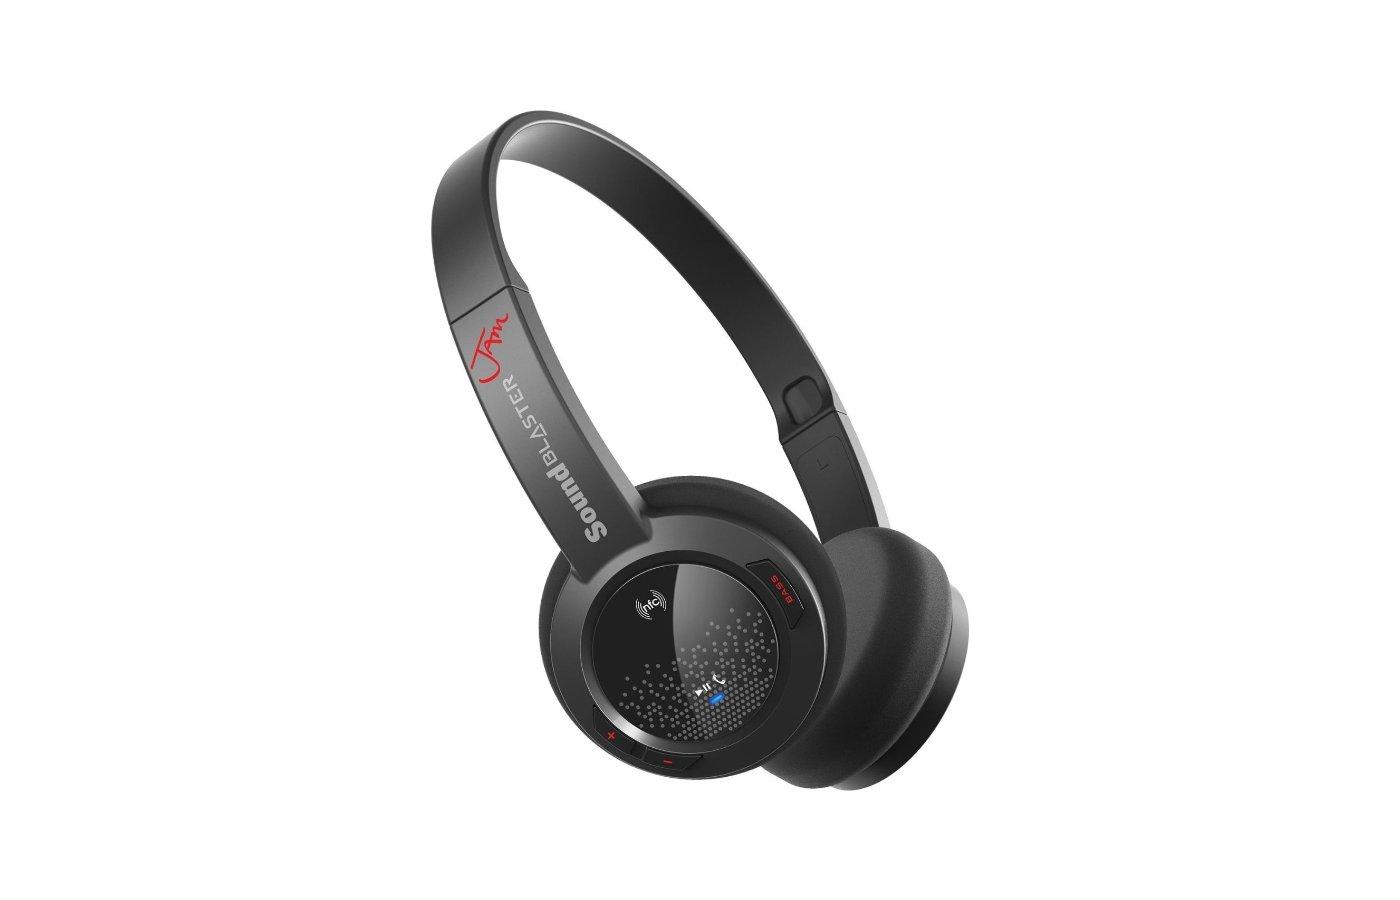 Наушники с микрофоном проводные Creative Sound Blaster Jam черный накладные (оголовье) BT